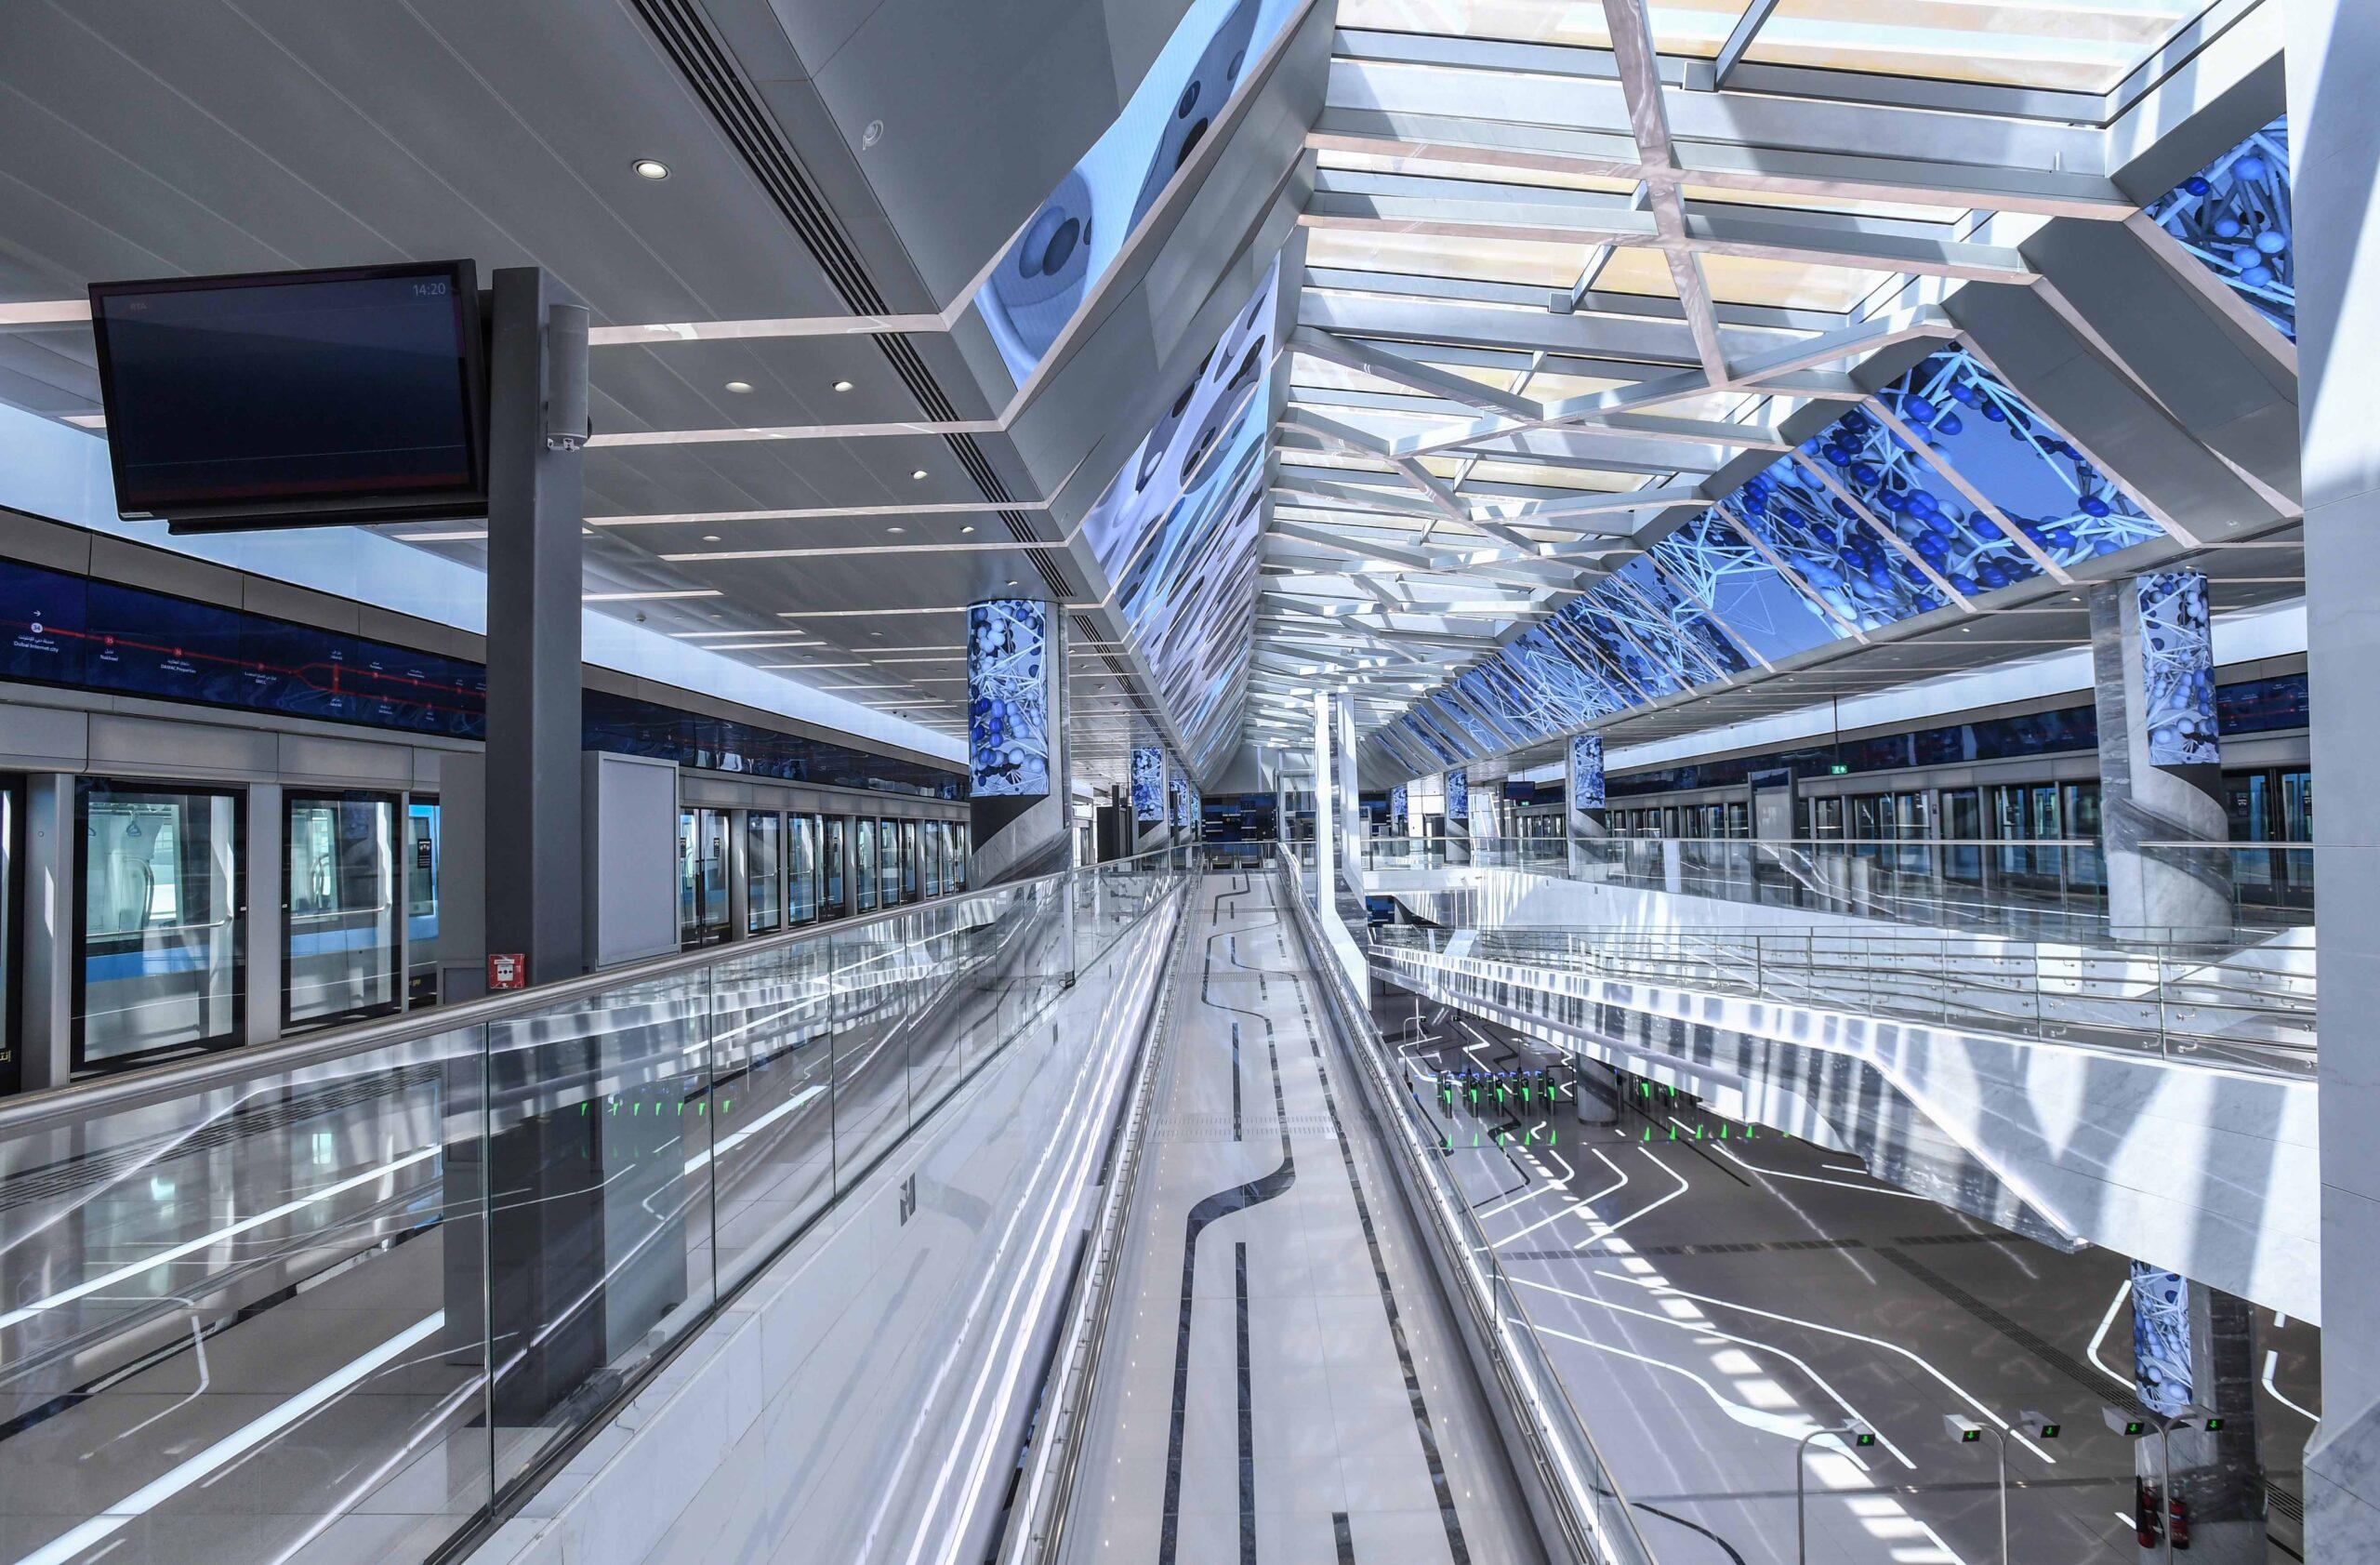 Dubai Metro Route 2020 station